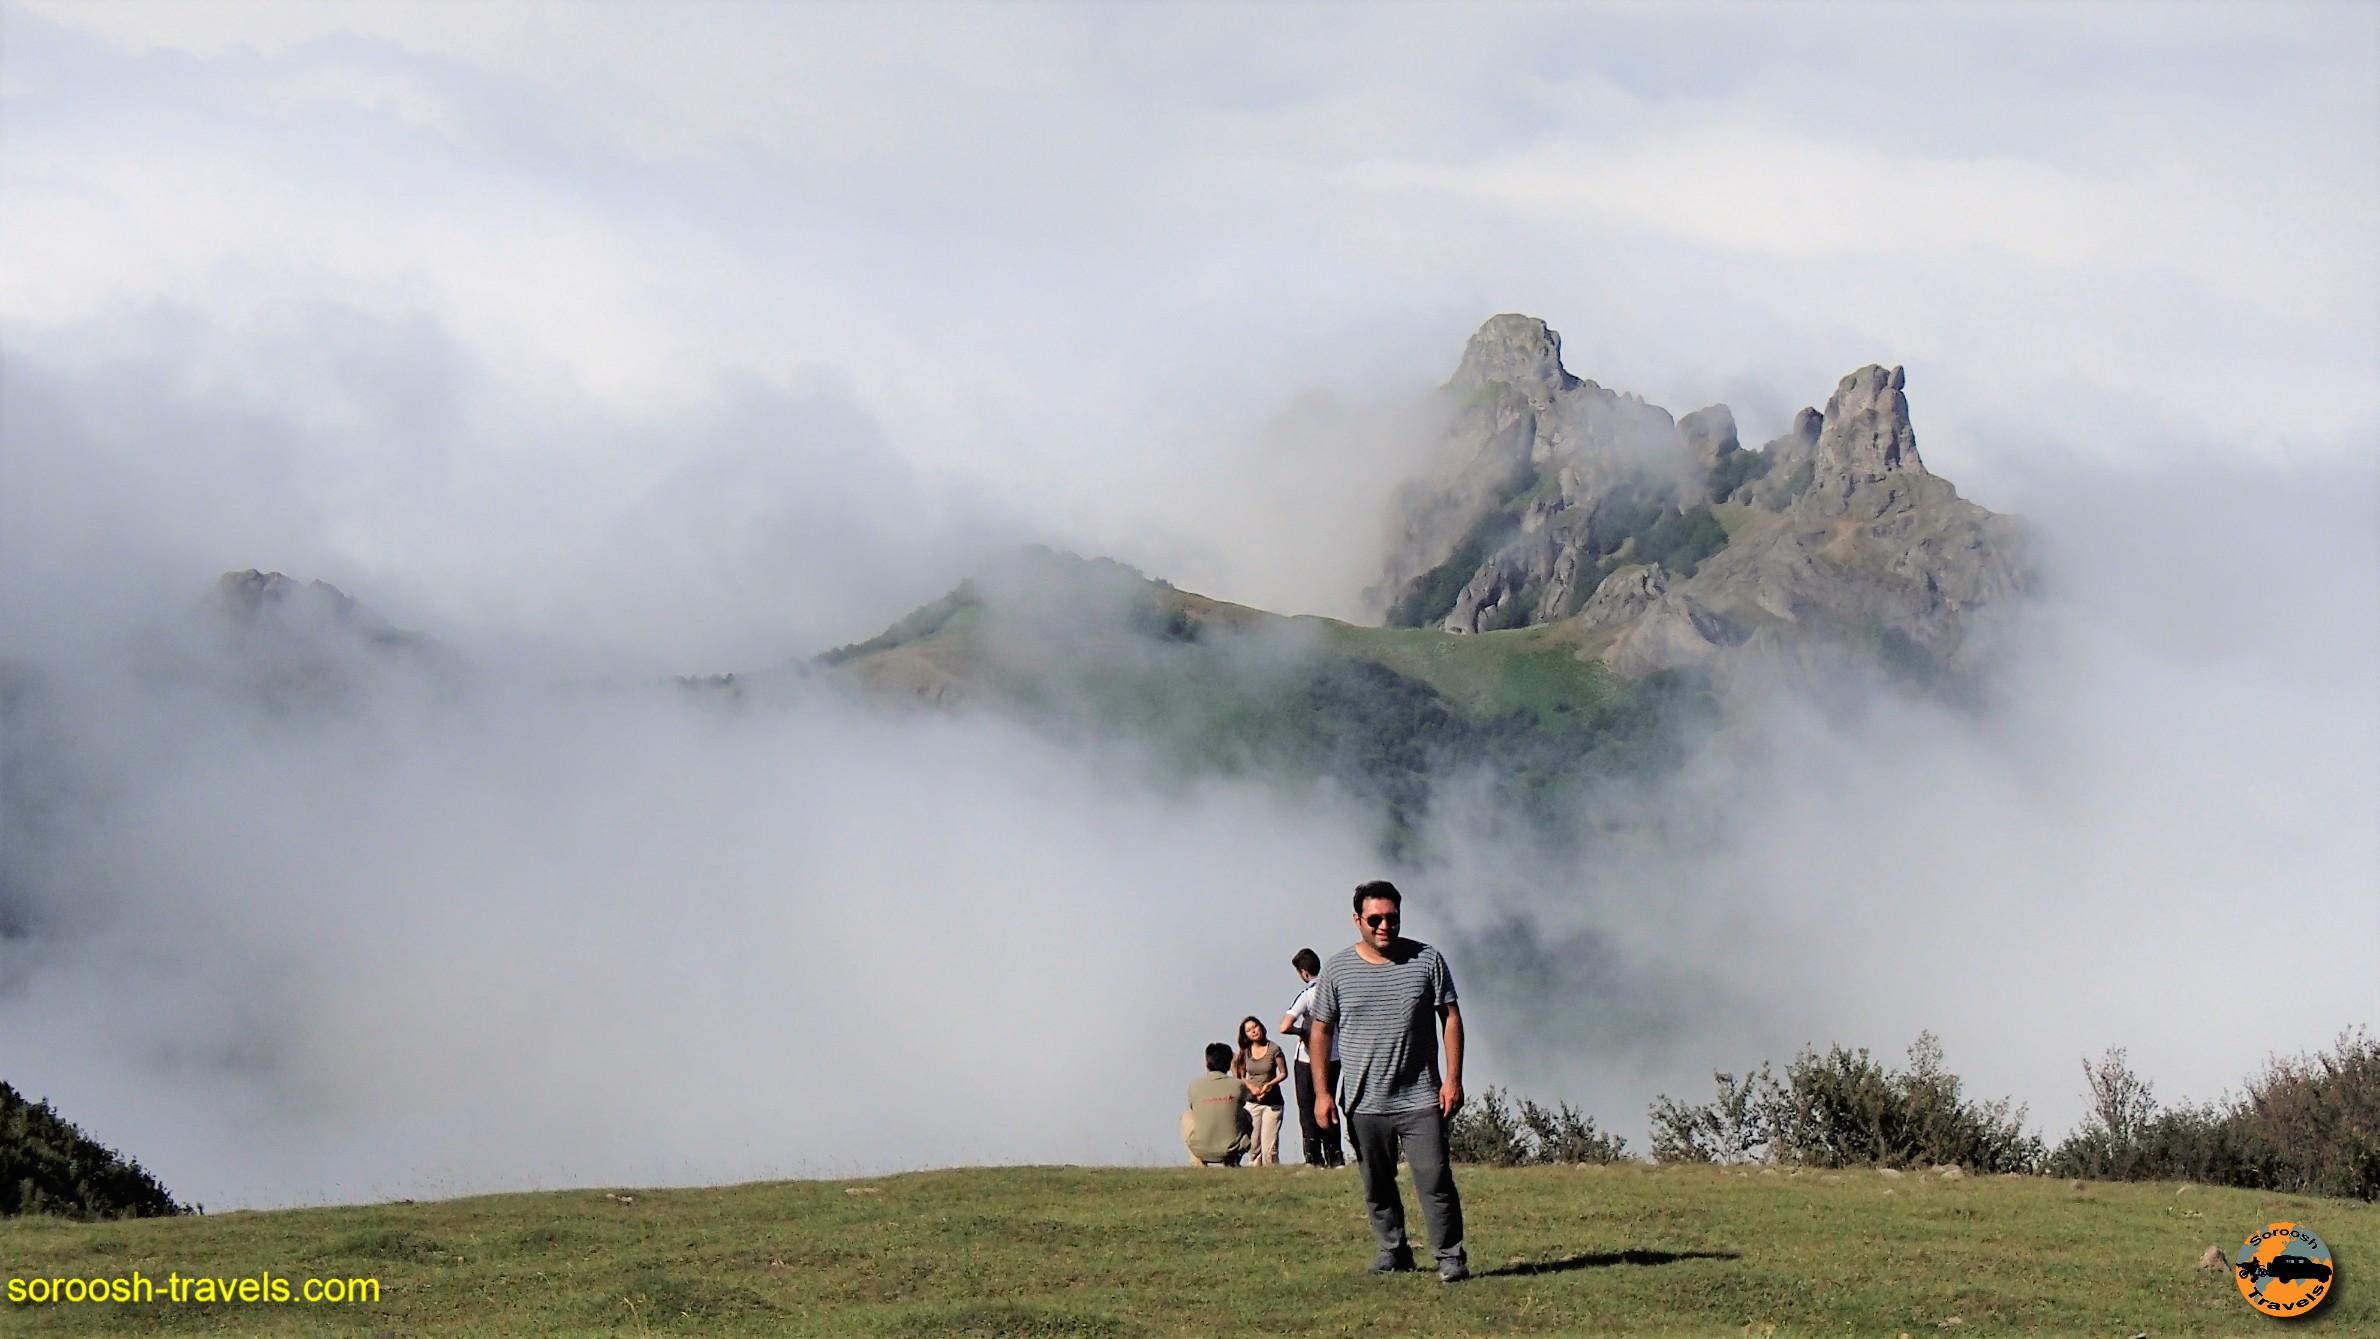 بازی ابر و مه در ارتفاعات سوها - تابستان ۱۳۹۶